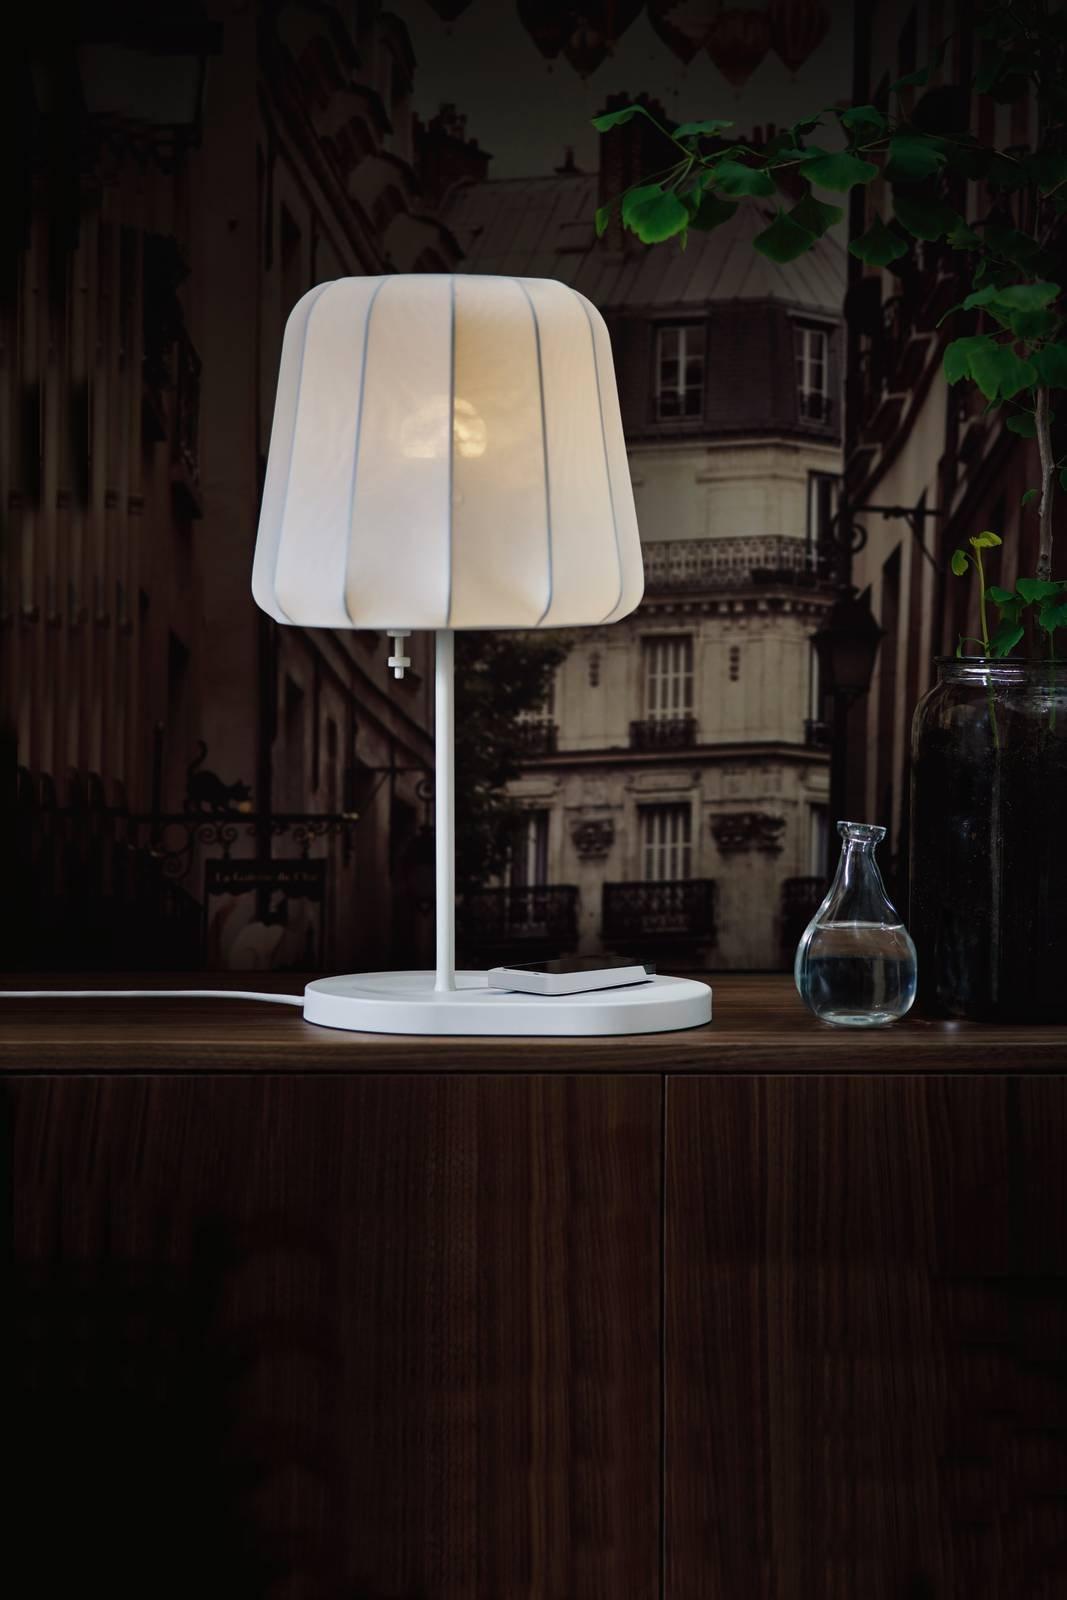 Bajour Da Comodino Moderne lampada per il comodino: i suggerimenti per sceglierla al